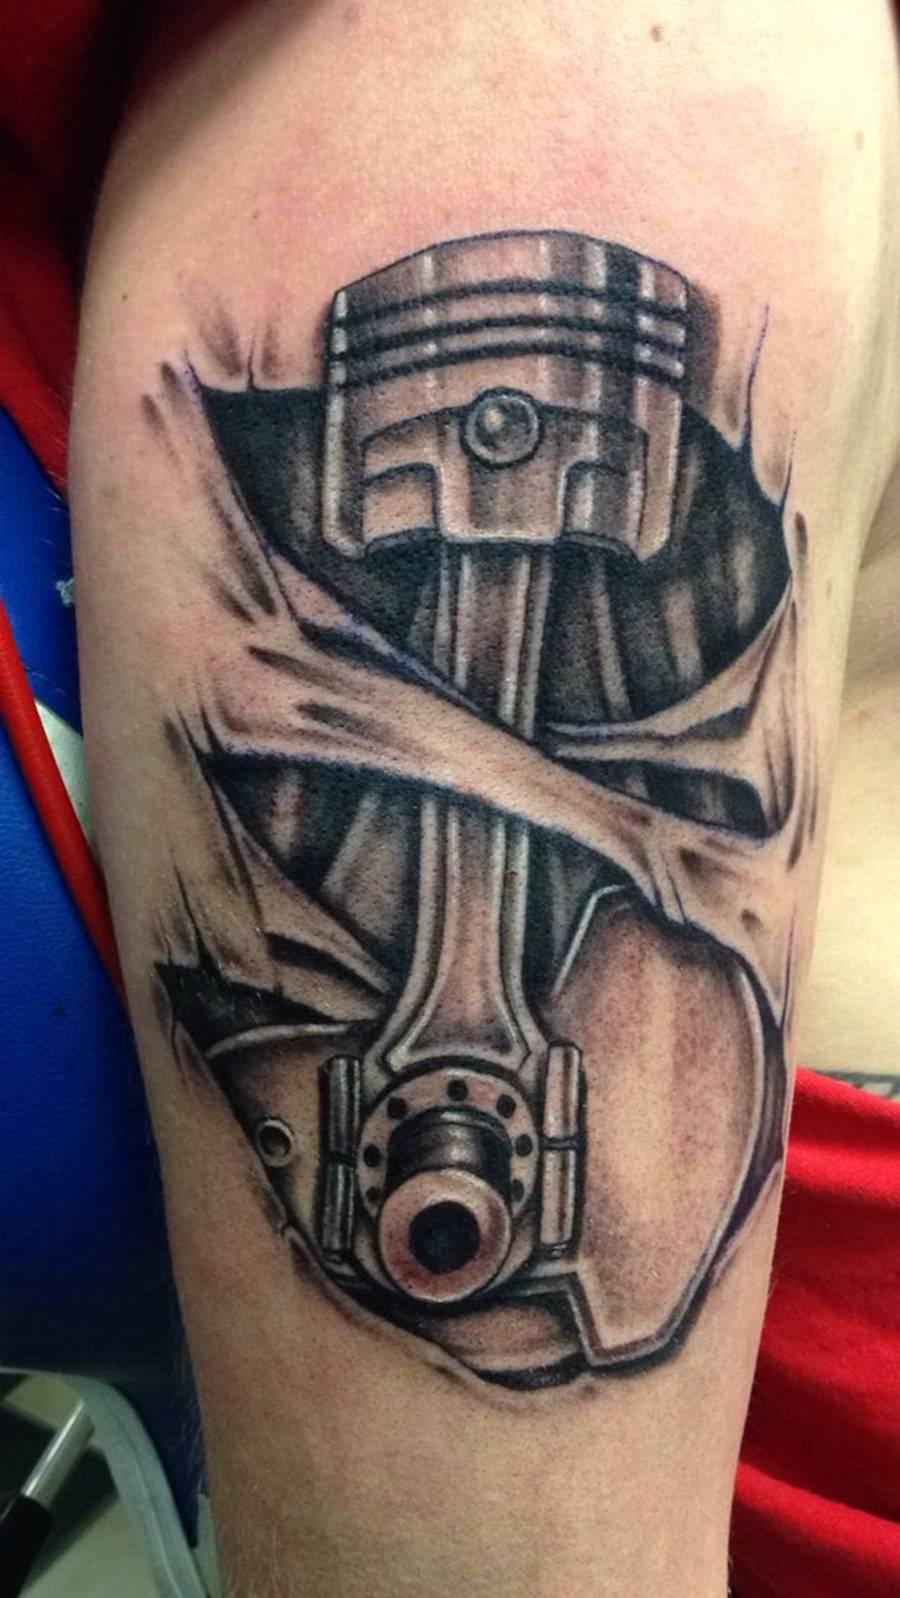 Tatuagem preta de peça de moto no braço